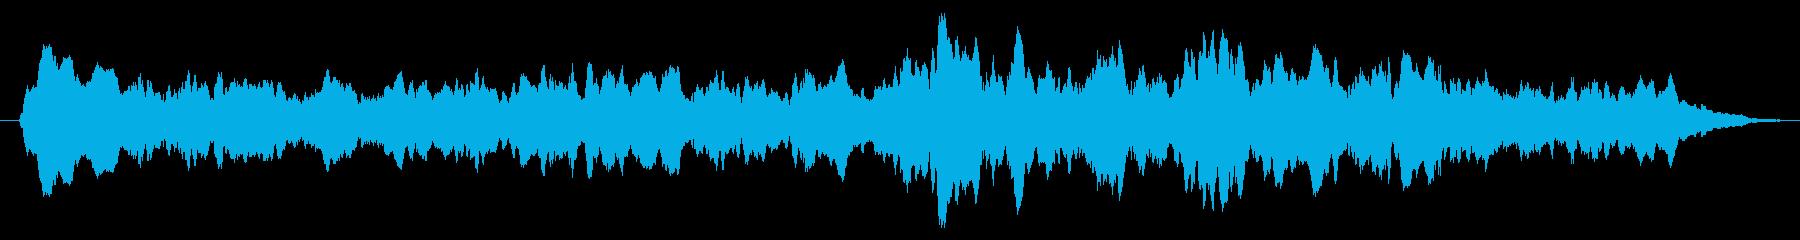 凱旋シーンを表現した悠揚なヒロイック楽…の再生済みの波形